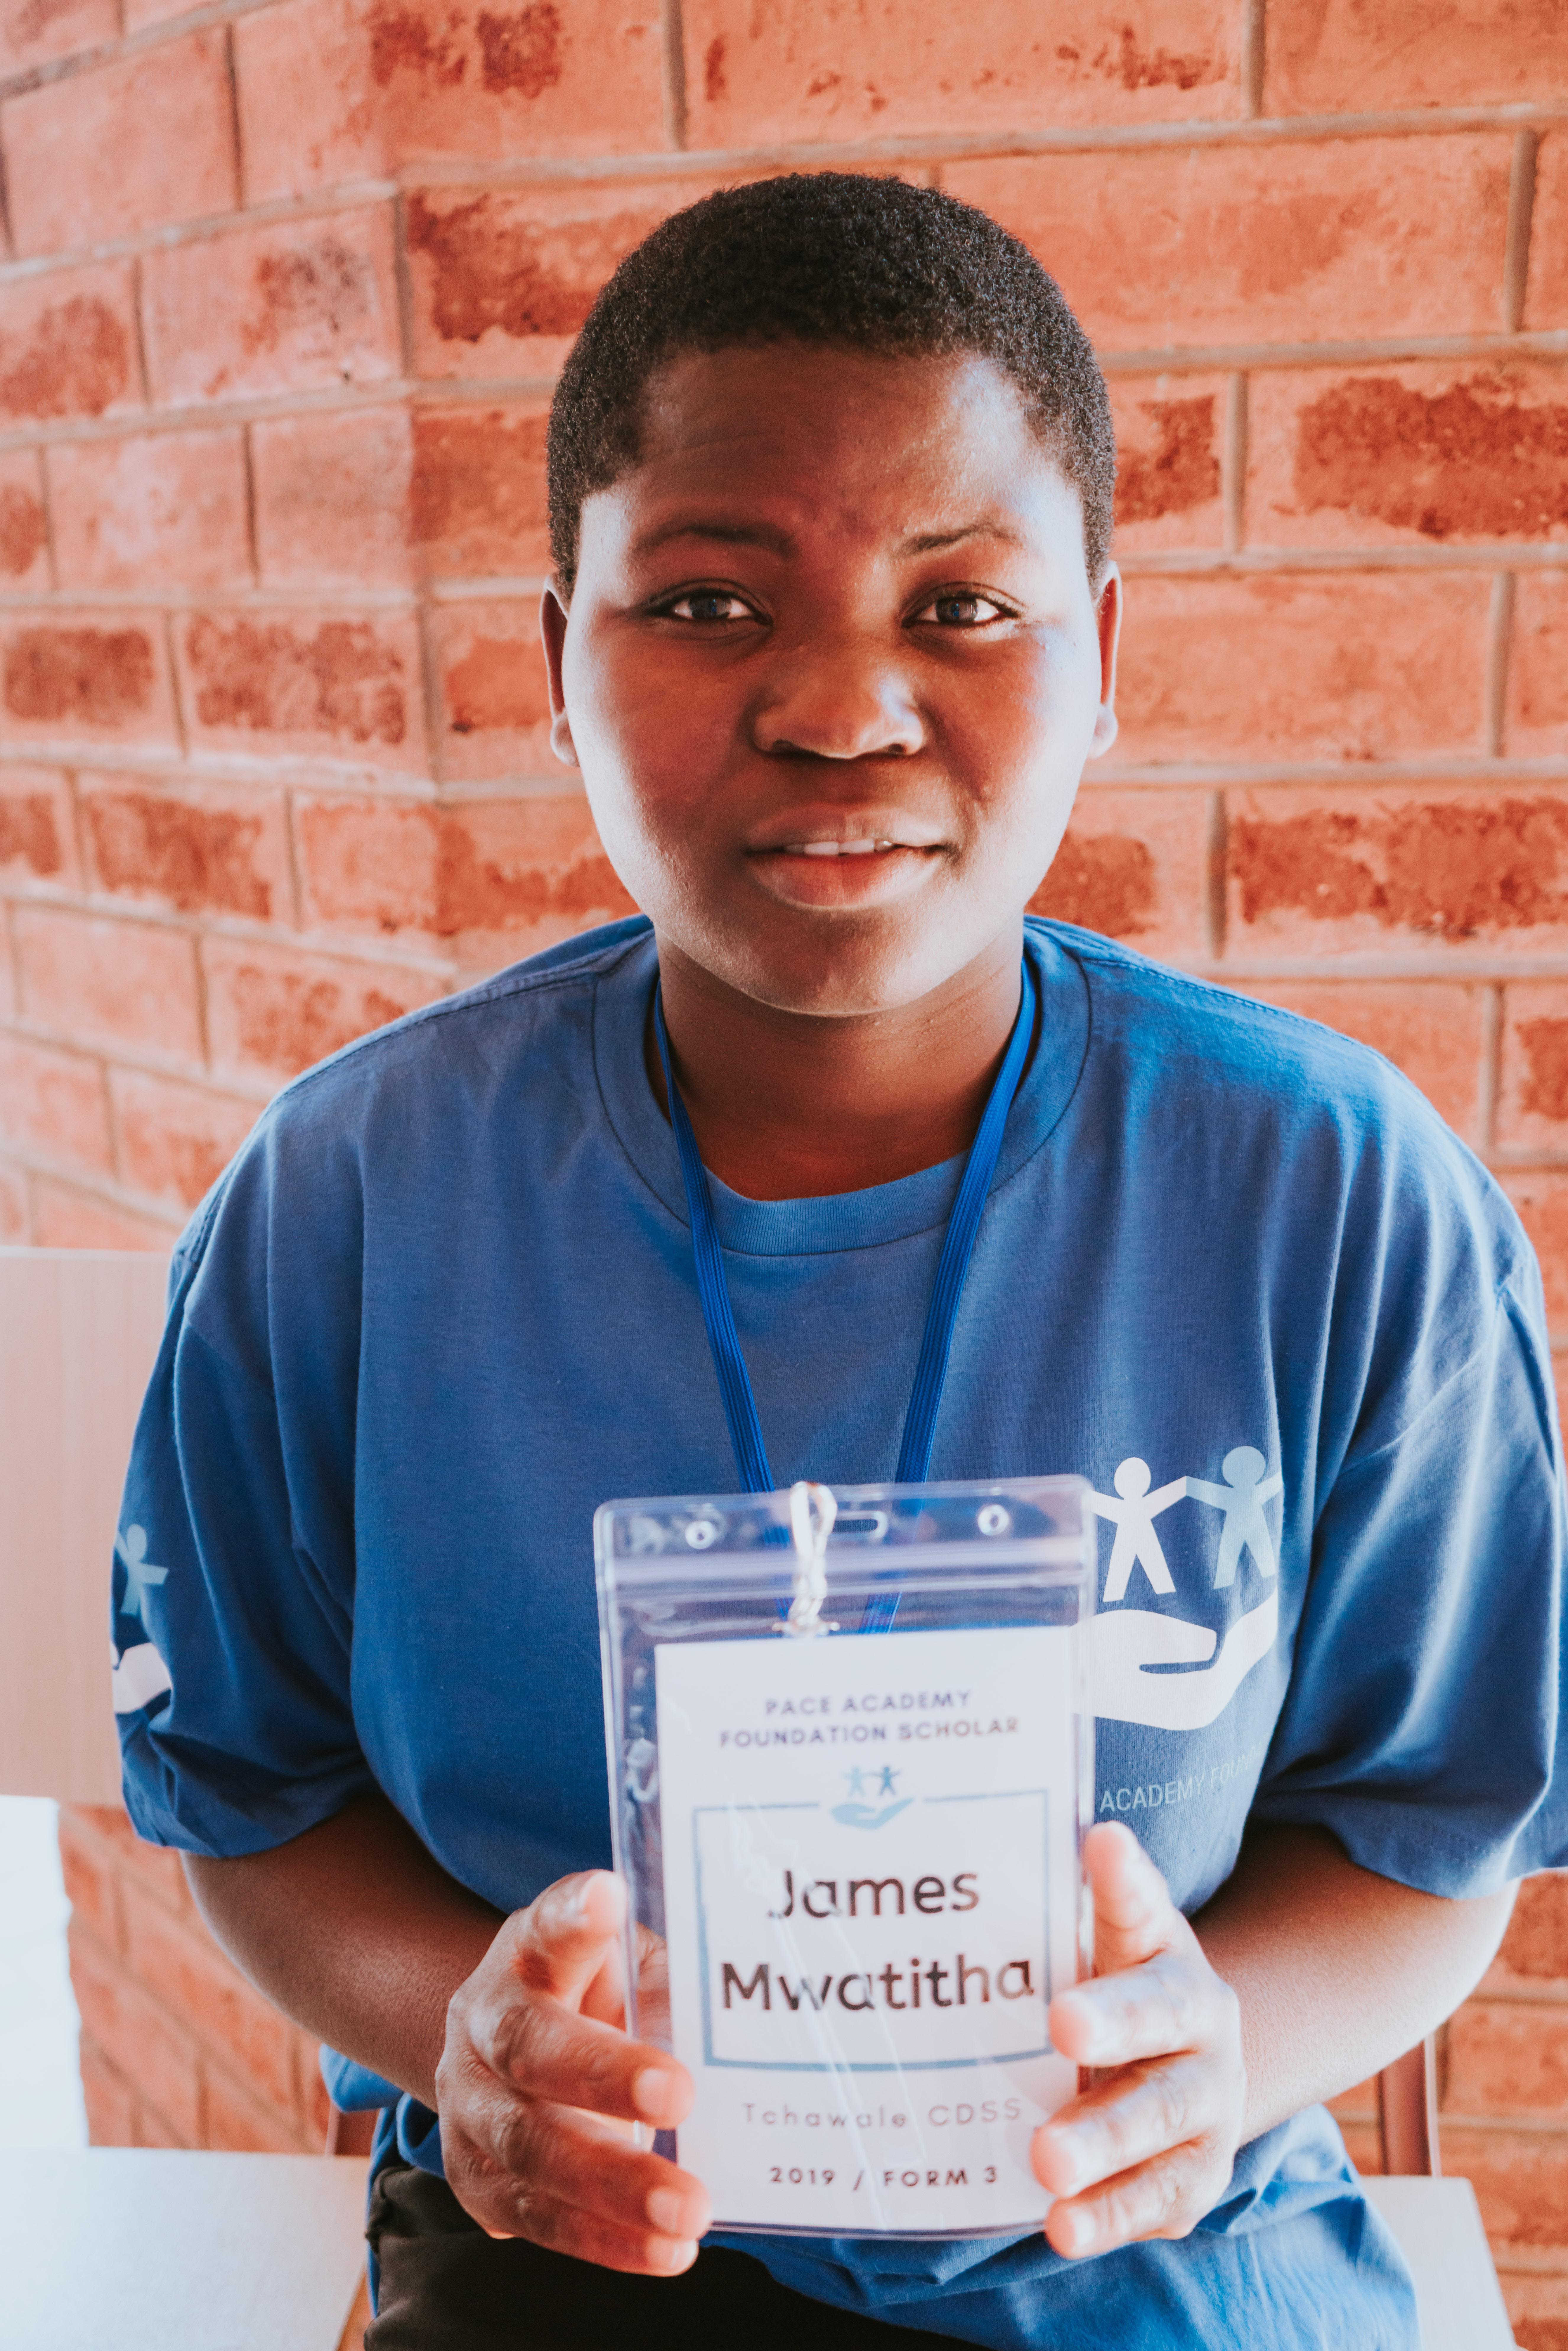 James Mwatitha (Tchawale CDSS)